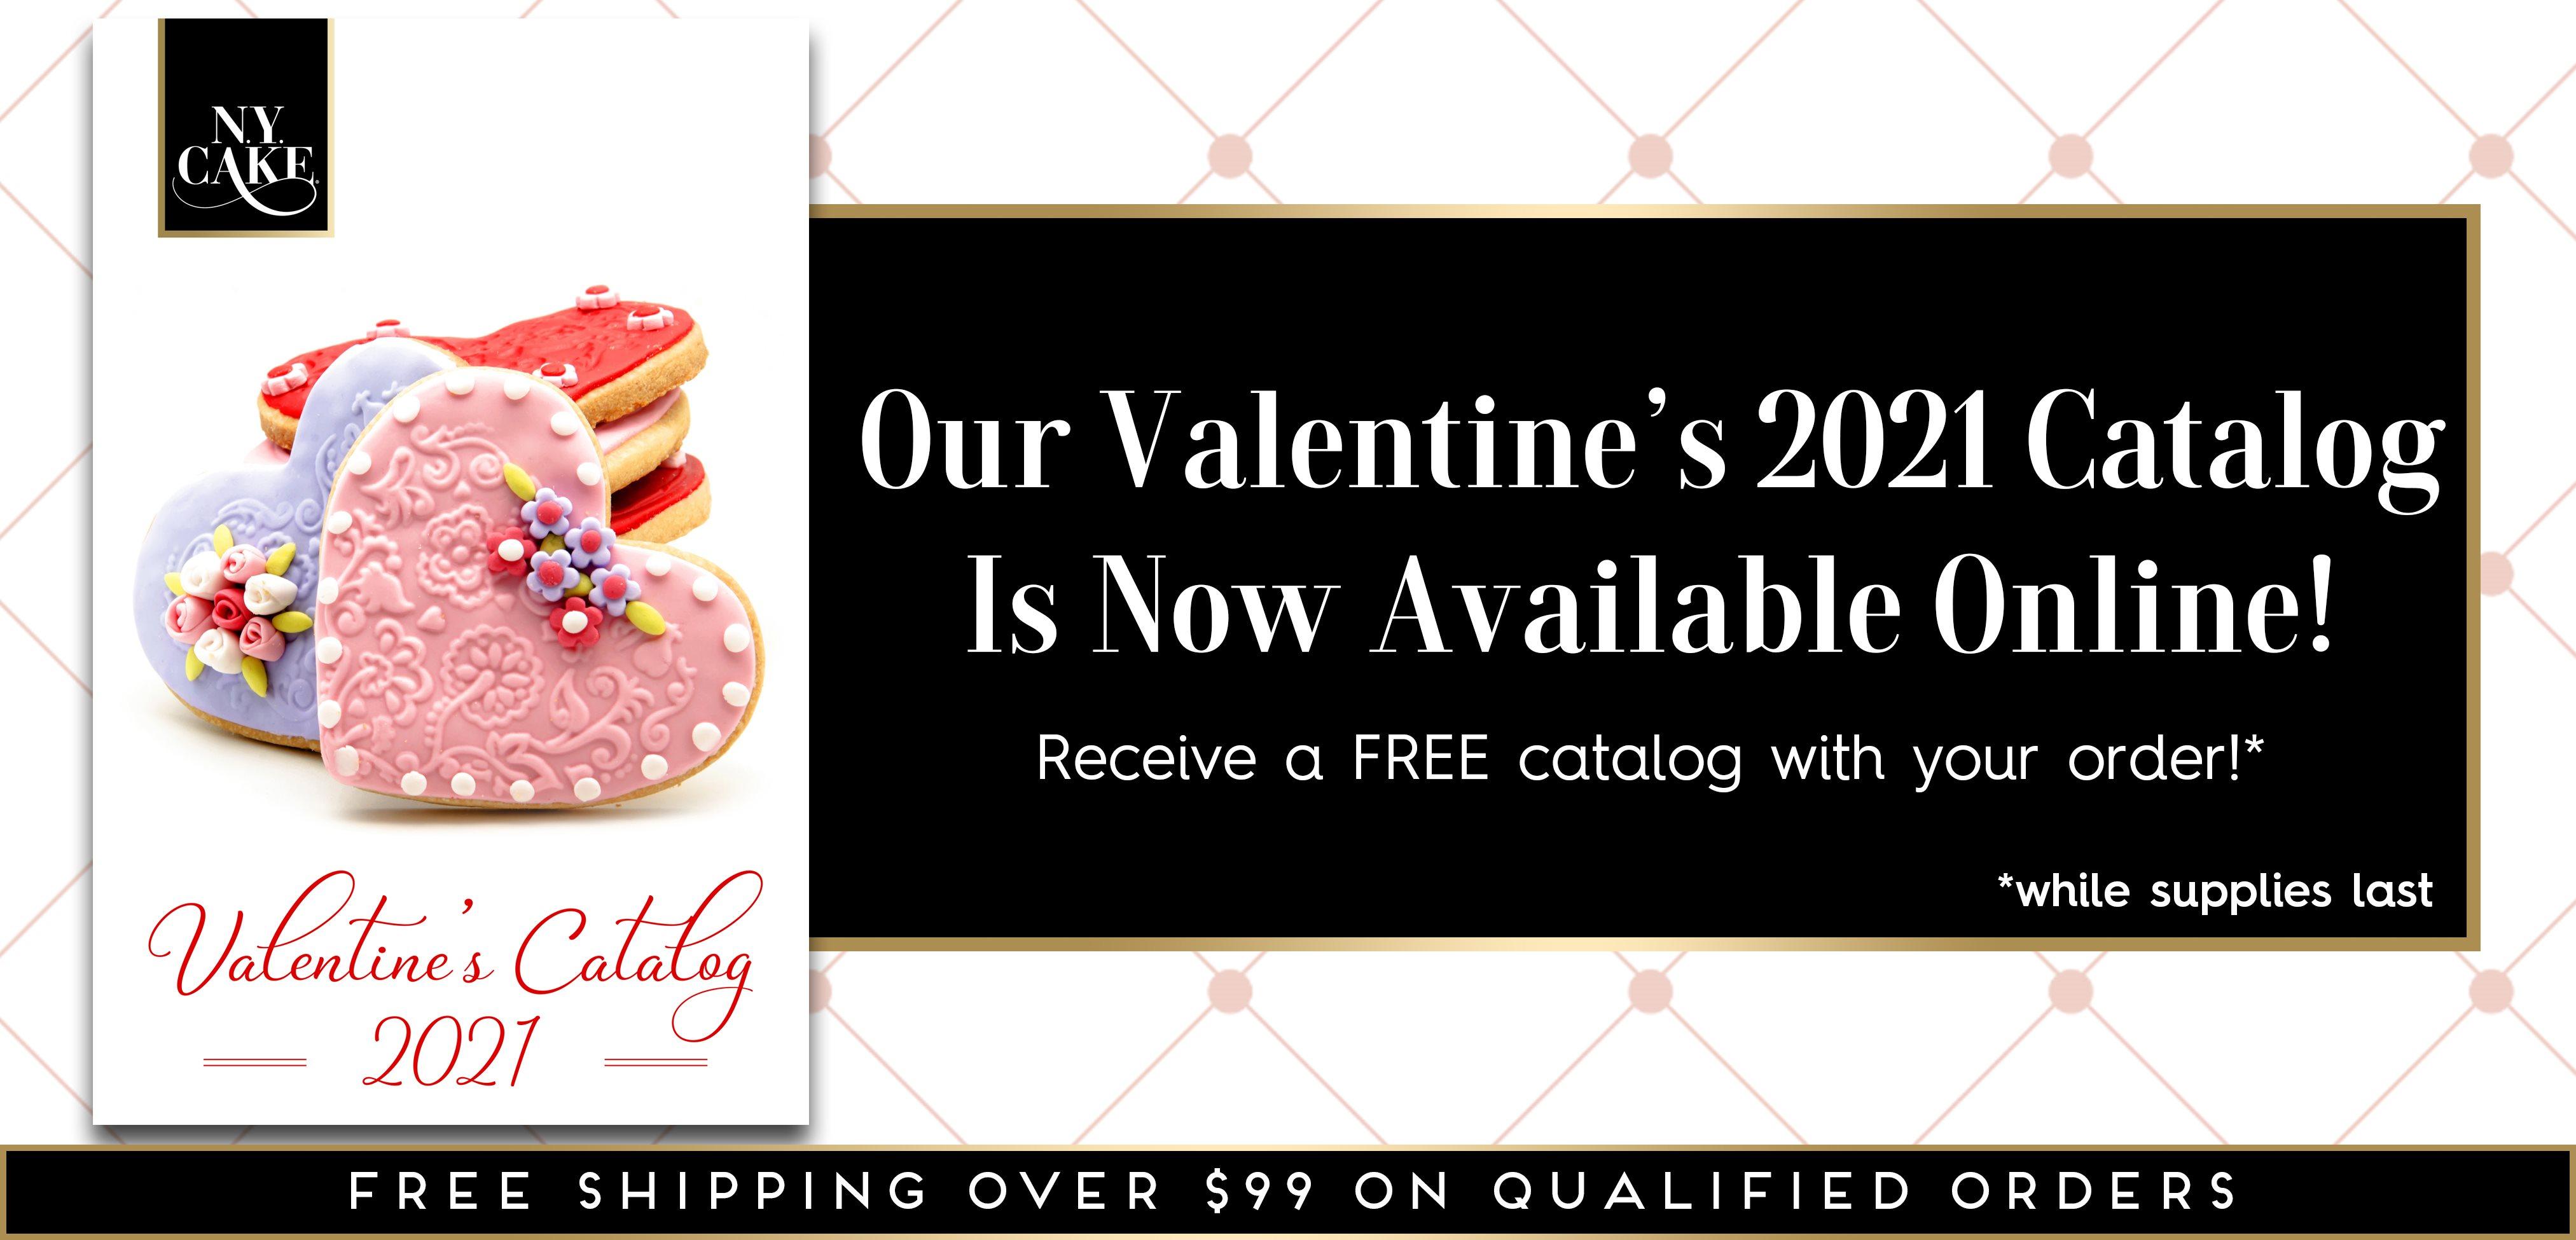 NY Cake Valentine's Product Catalog